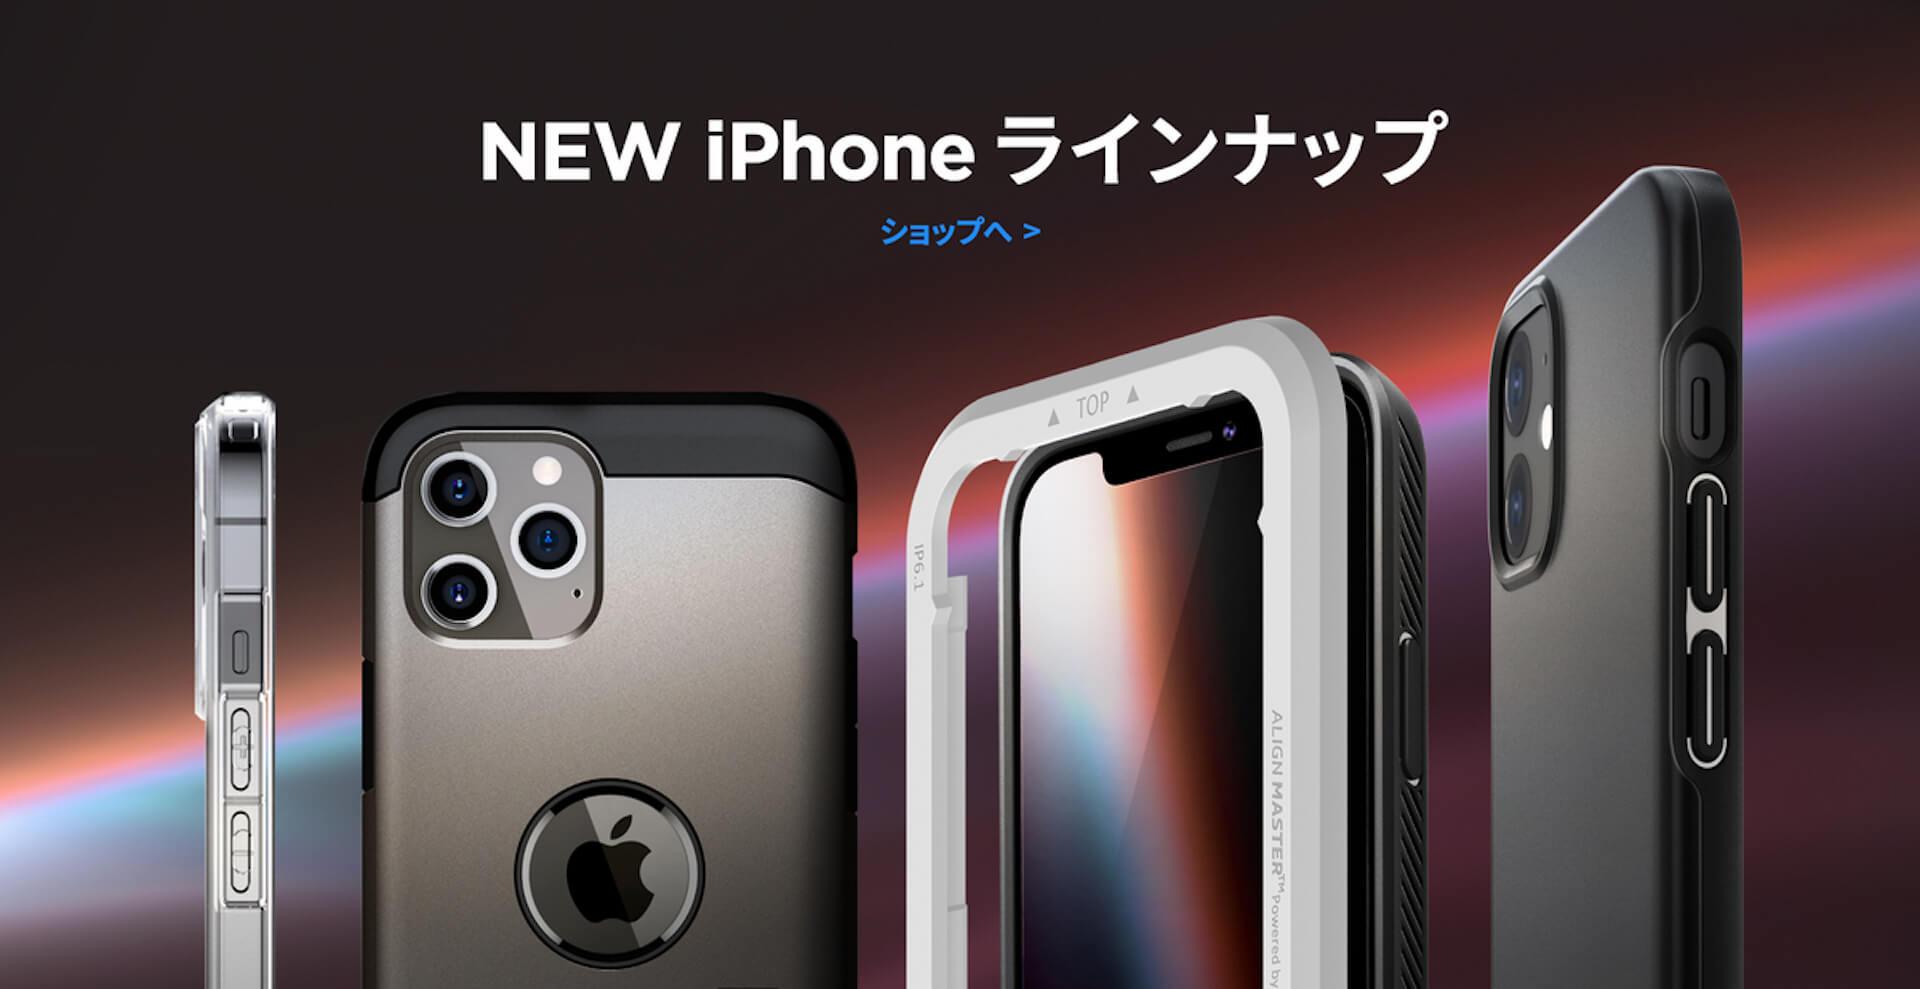 大人気のスマホケースブランドSpigenからiPhone 12シリーズ用ケース&ガラスフィルムが発売!米軍MIL規格取得の耐衝撃ケースなど多数ラインナップ tech201014_iphone12_spigen_1